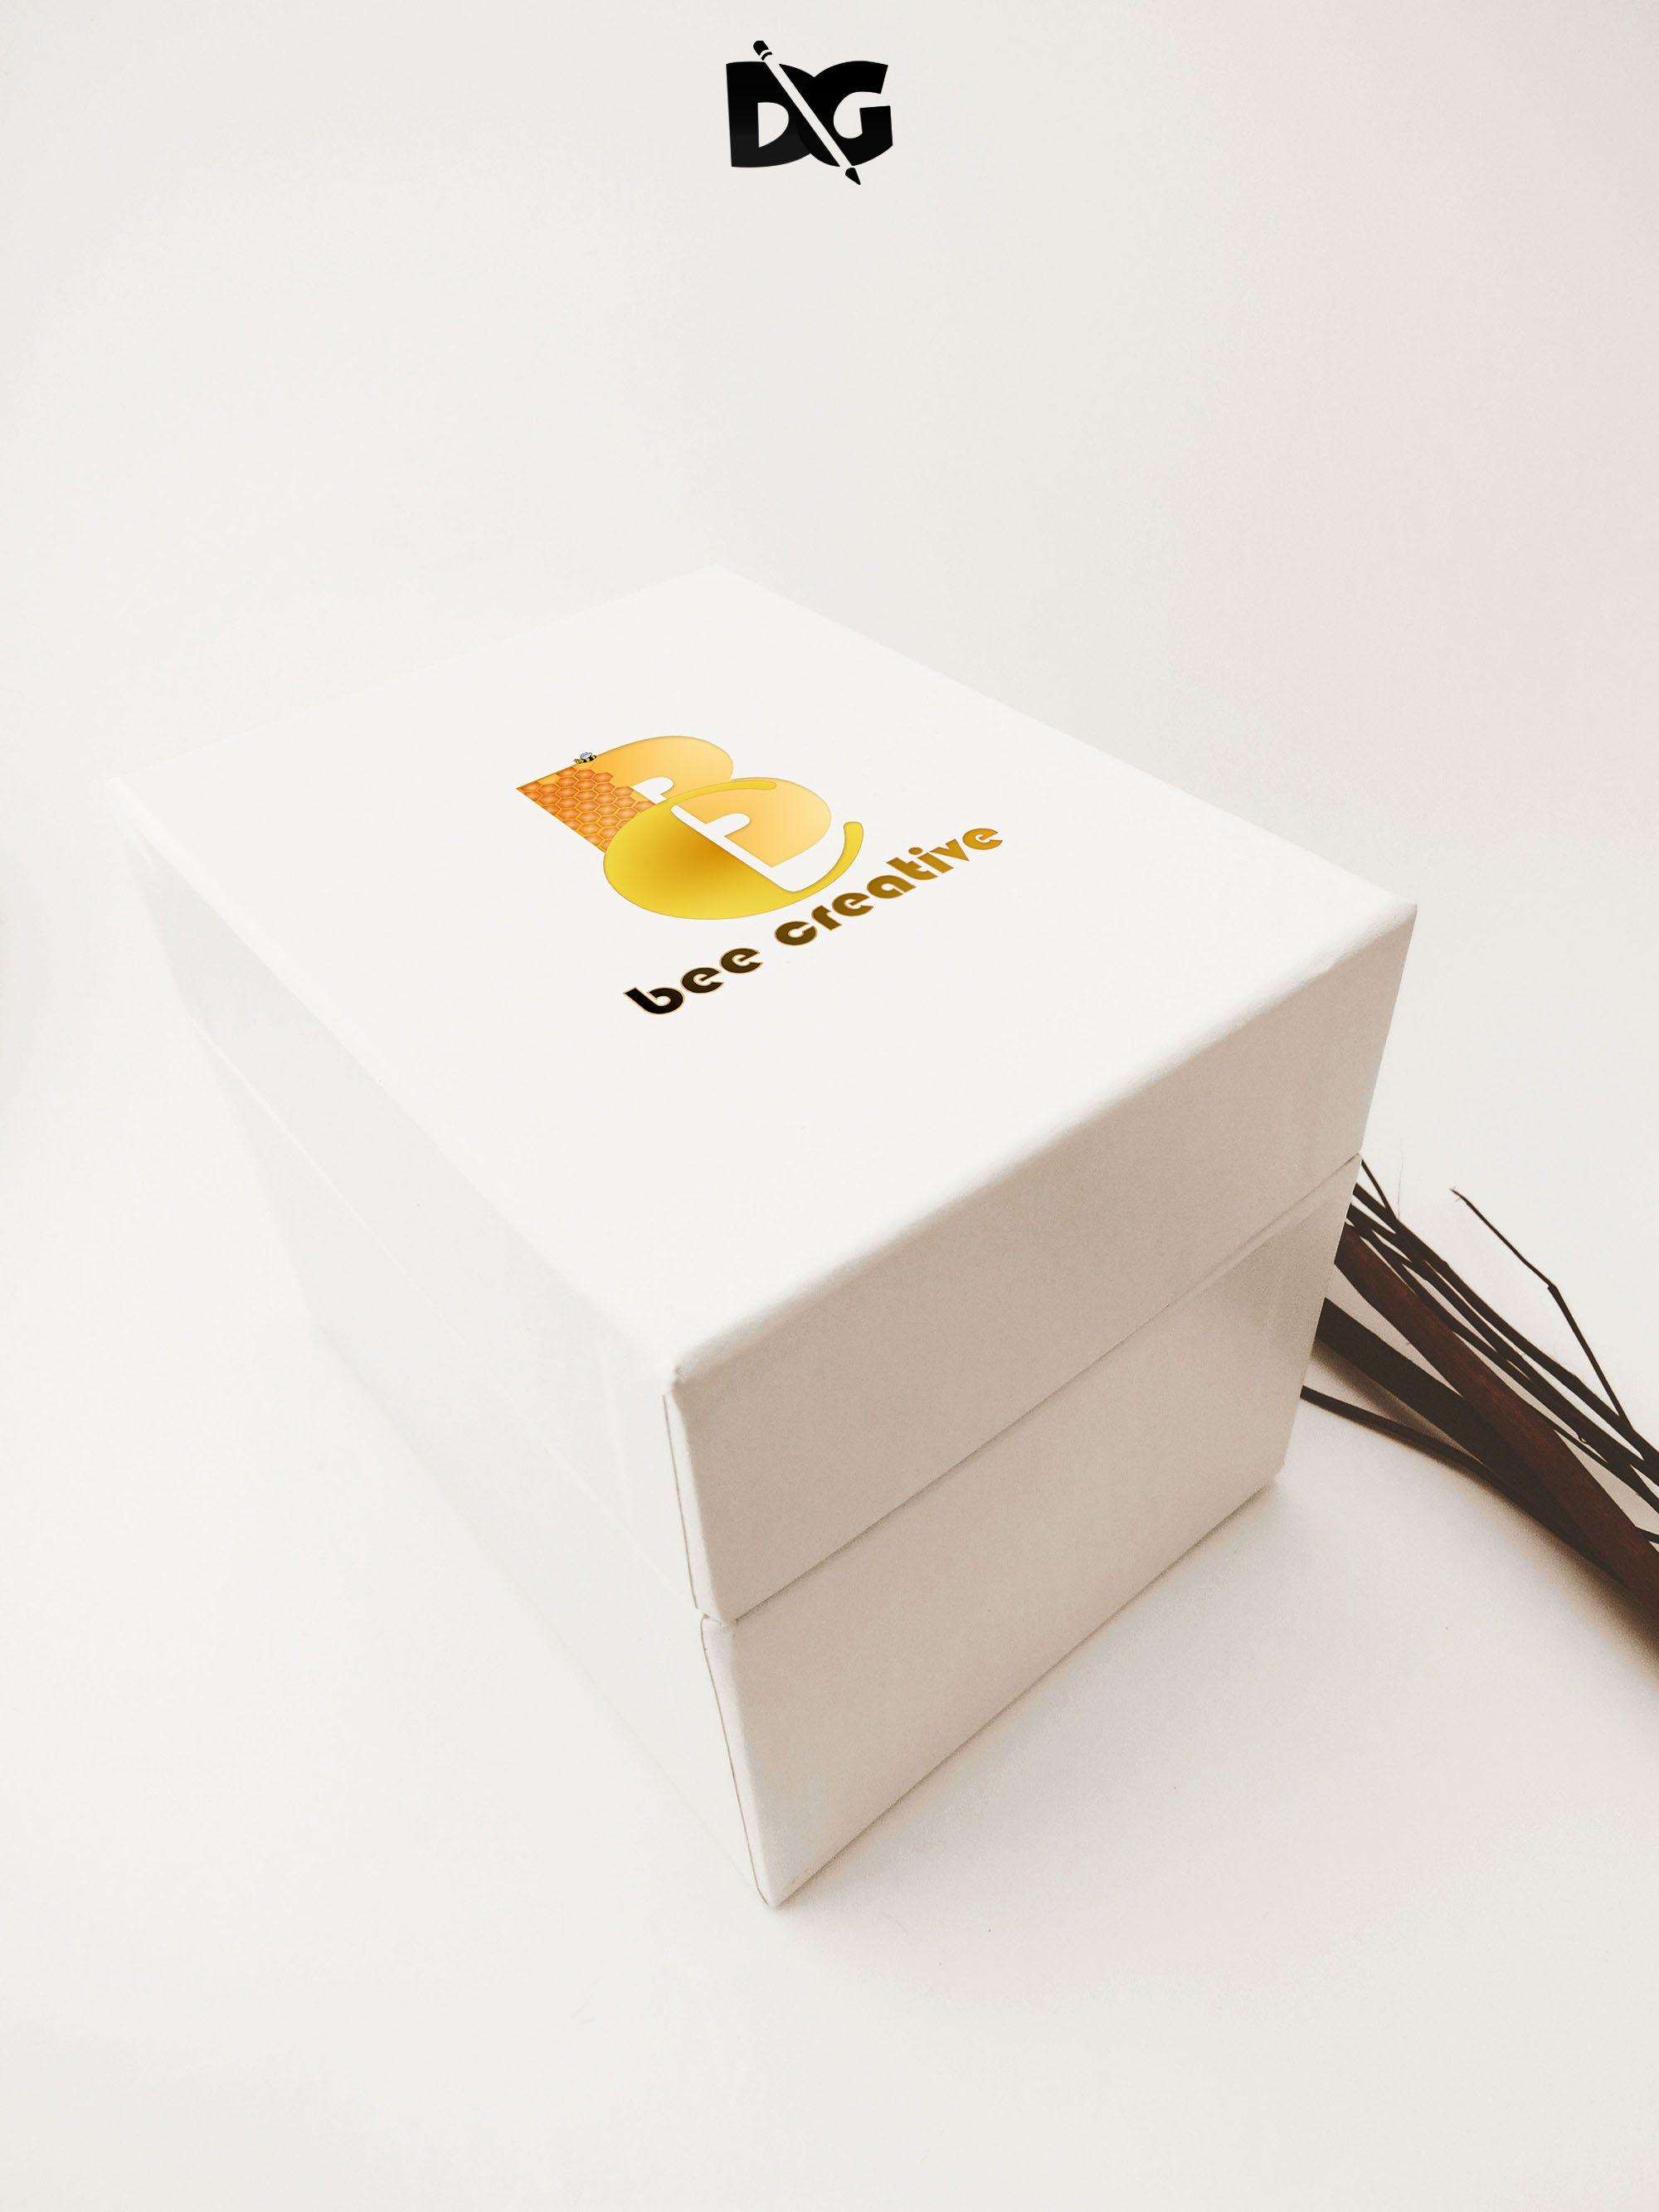 Download Free Download Elegant Box Logo Mockup Boxlogo Boxlogomockup Boxmockup Download Downloadpsd Elegantlogomocku Logo Mockup Mockup Free Psd Free Logo Mockup